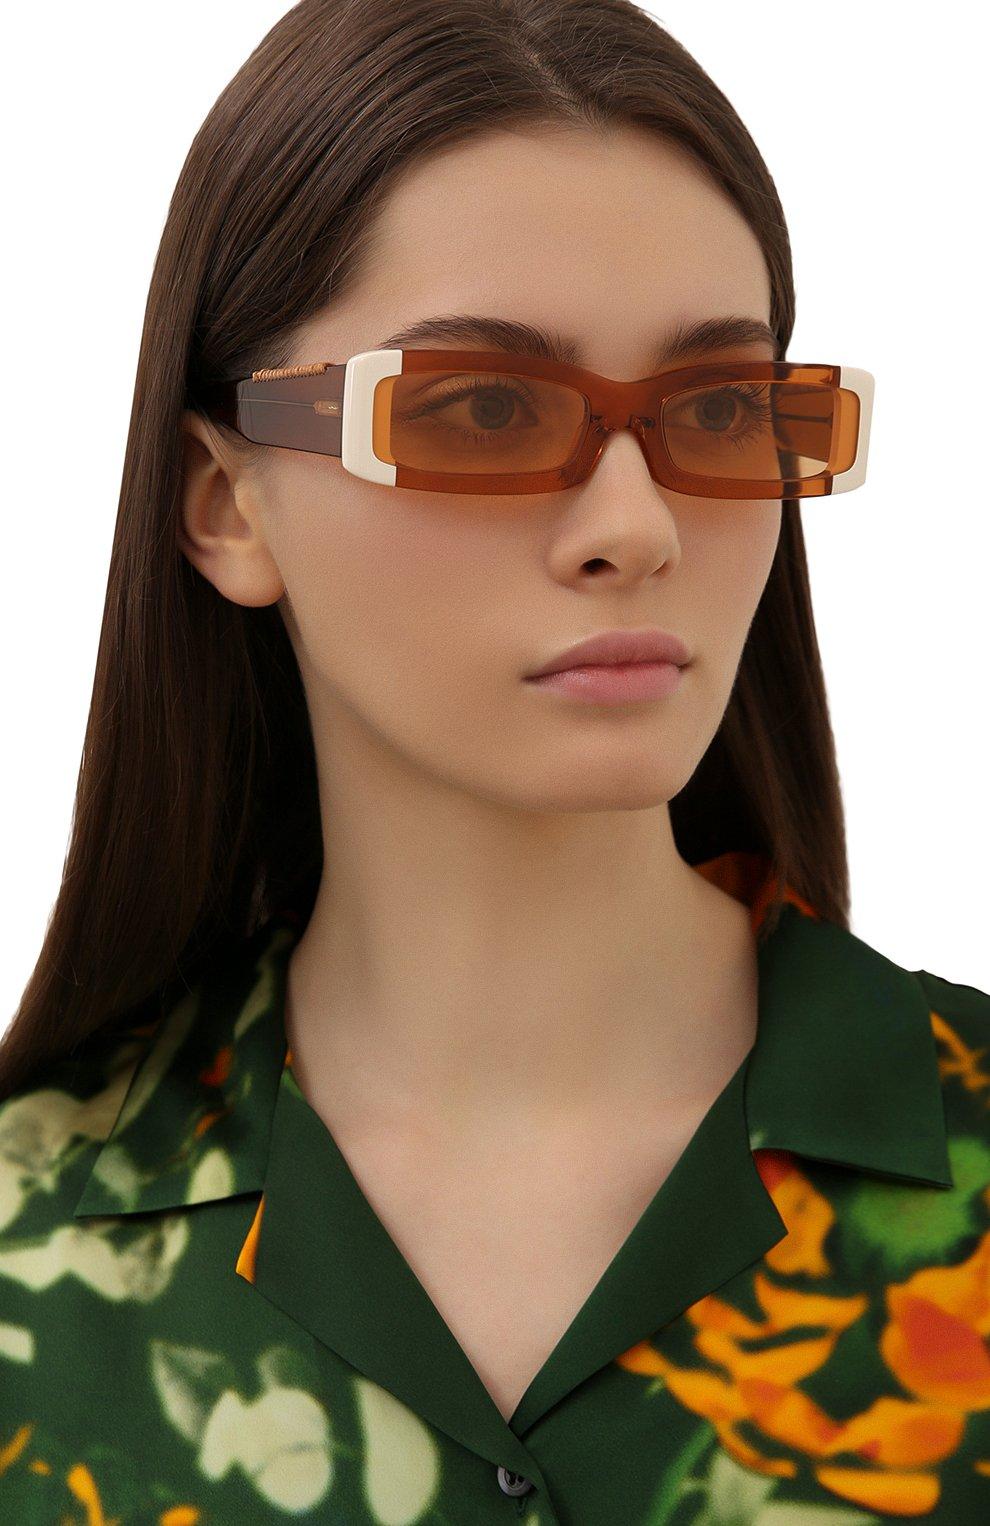 Женские солнцезащитные очки JACQUEMUS оранжевого цвета, арт. LES LUNETTES 97 SHADE 0F 0RANGE | Фото 2